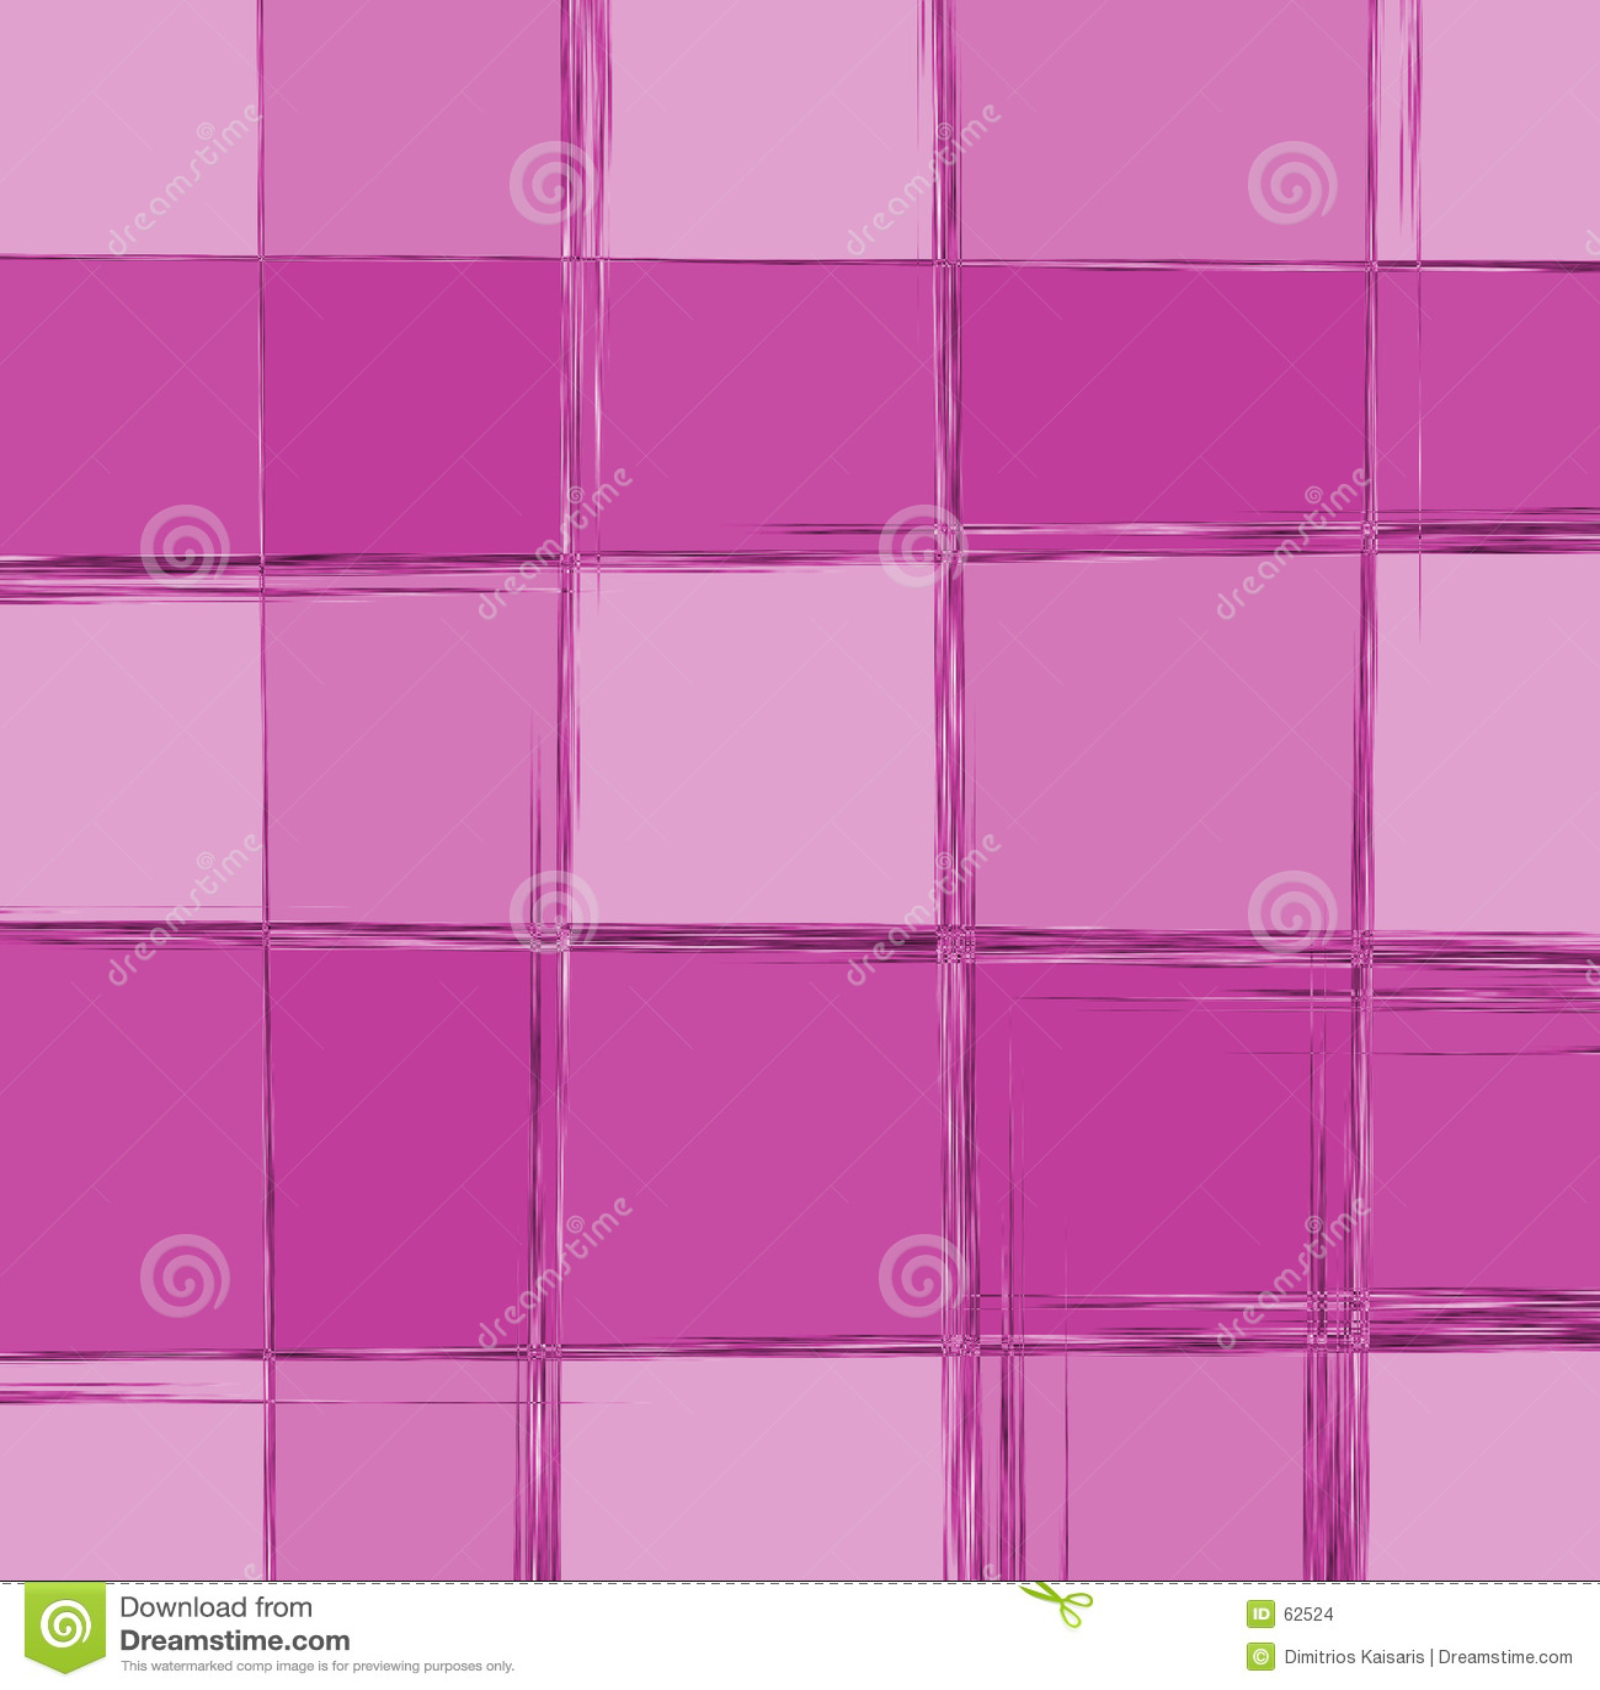 Download Priorità bassa illustrazione di stock. Illustrazione di colorful - 62524